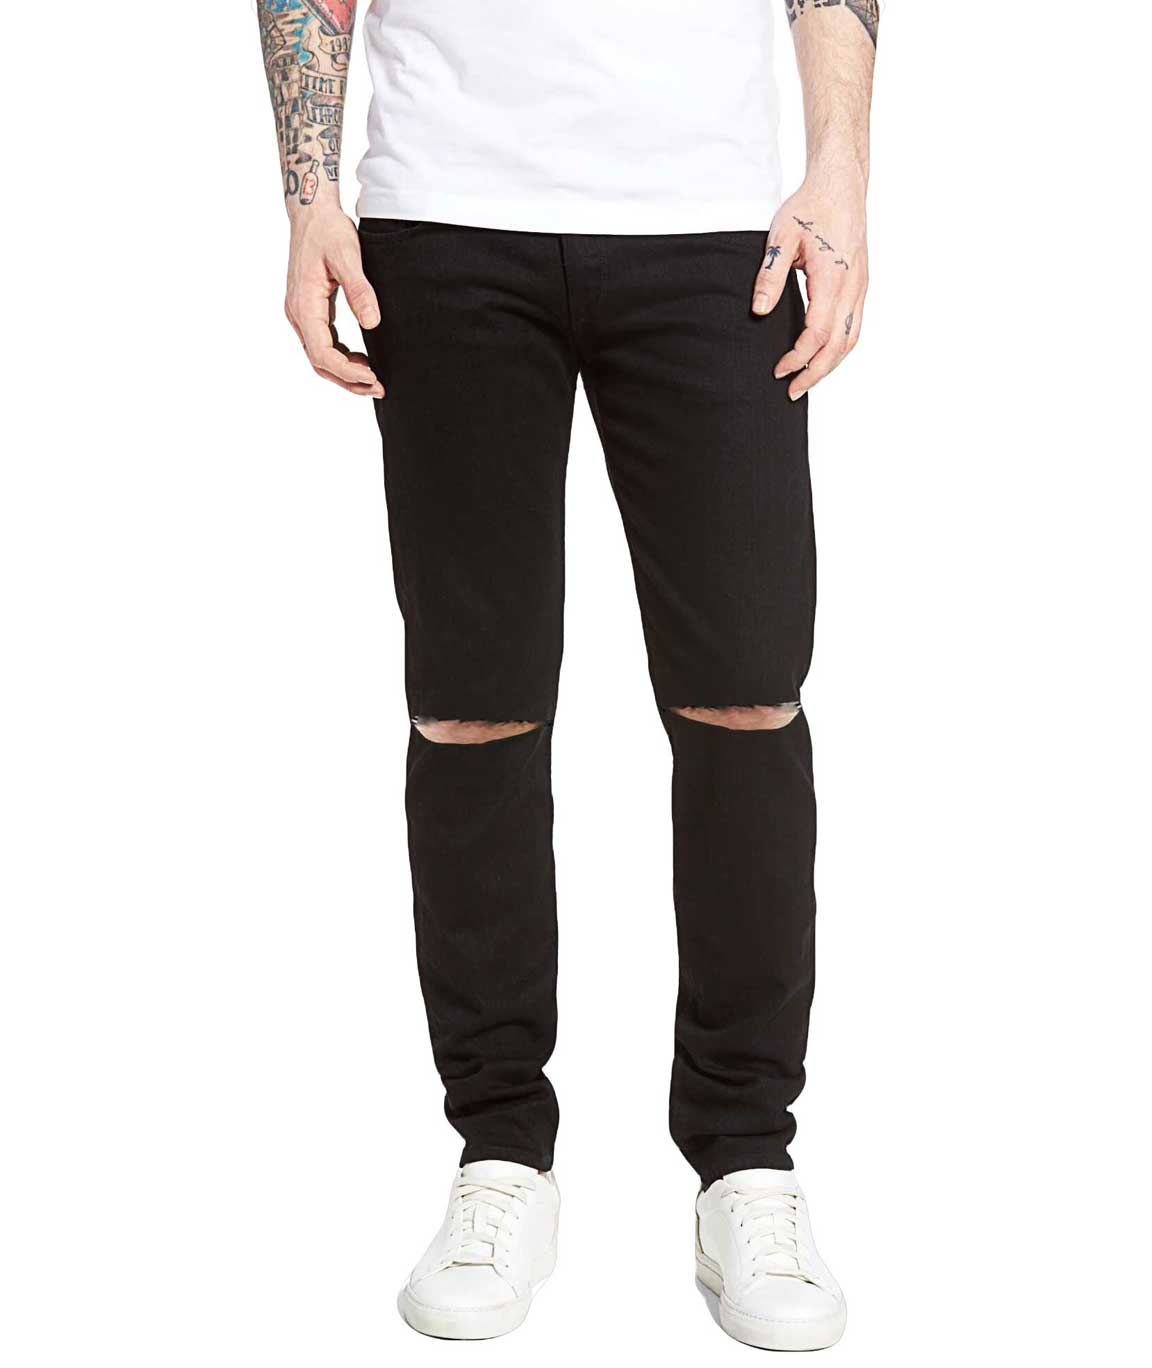 Stylish Black Slim Fit Knee Cut Jeans